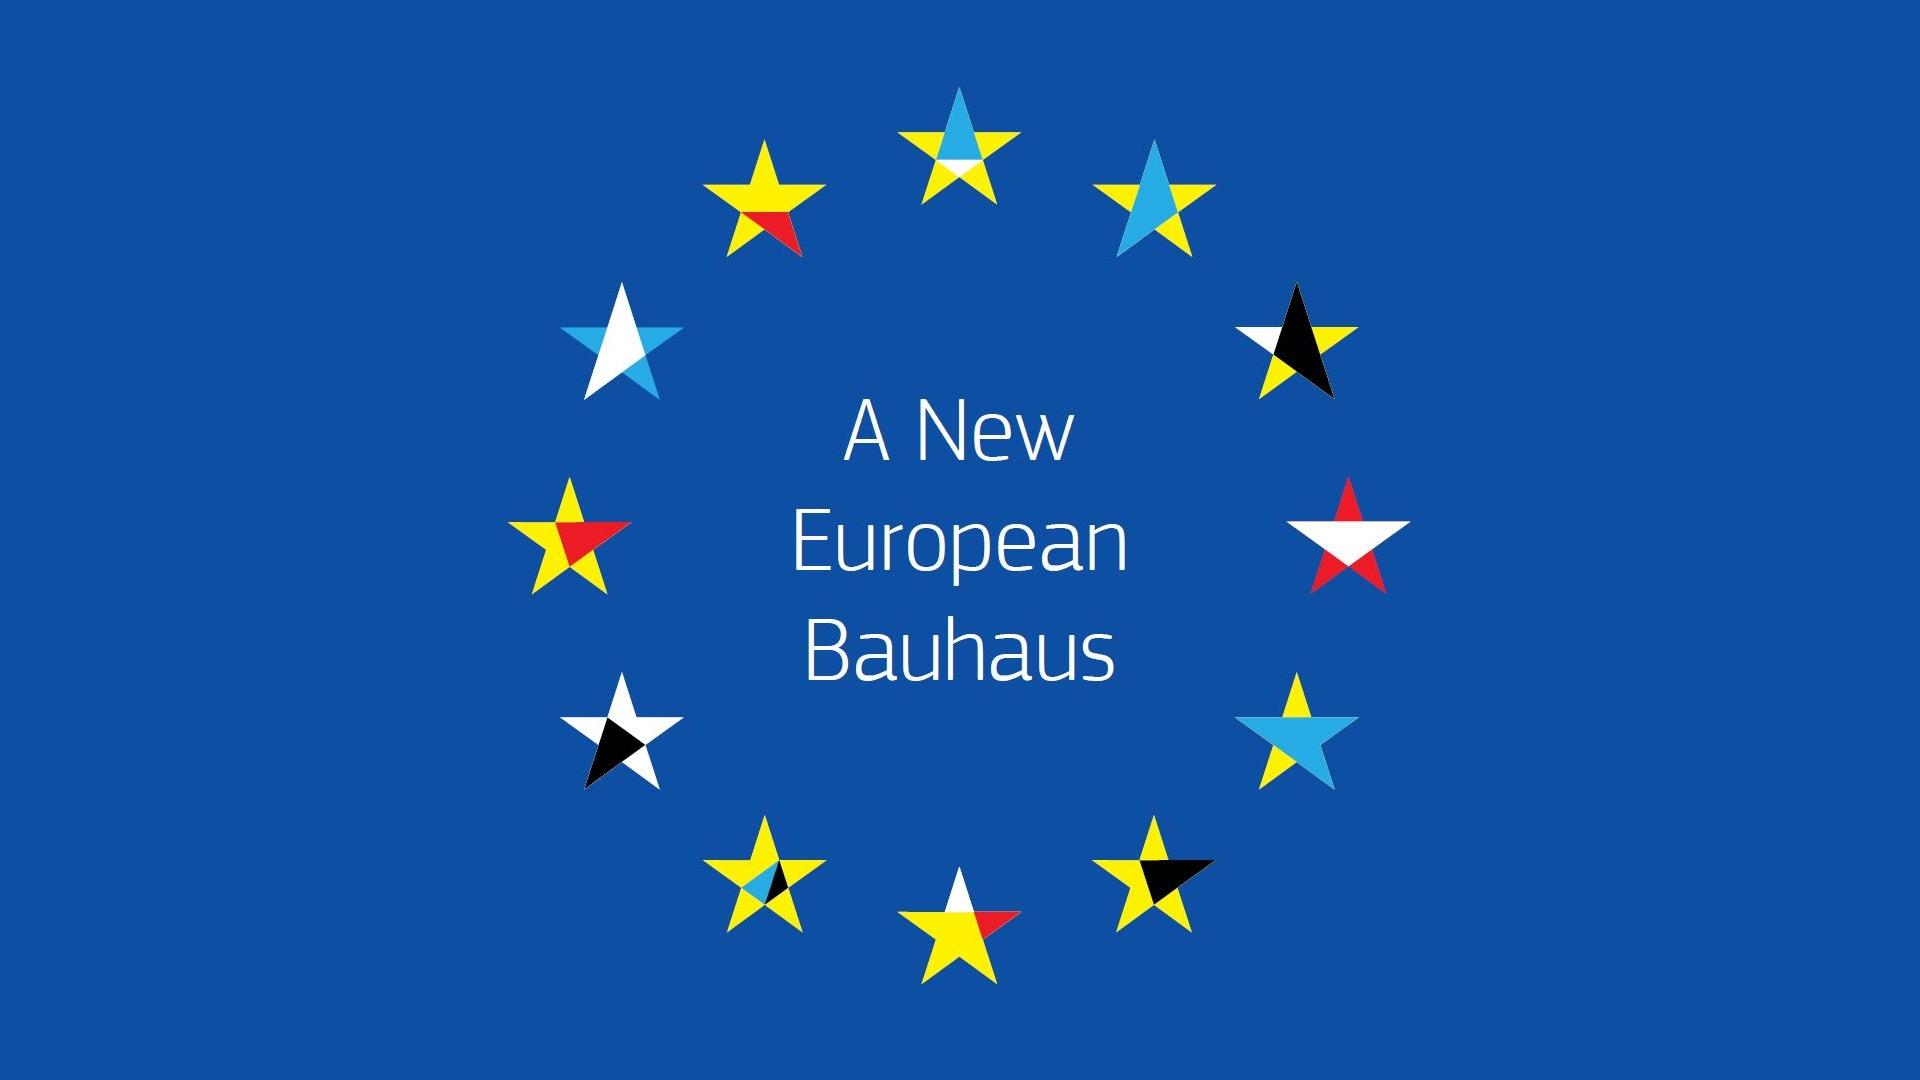 European bauhaus